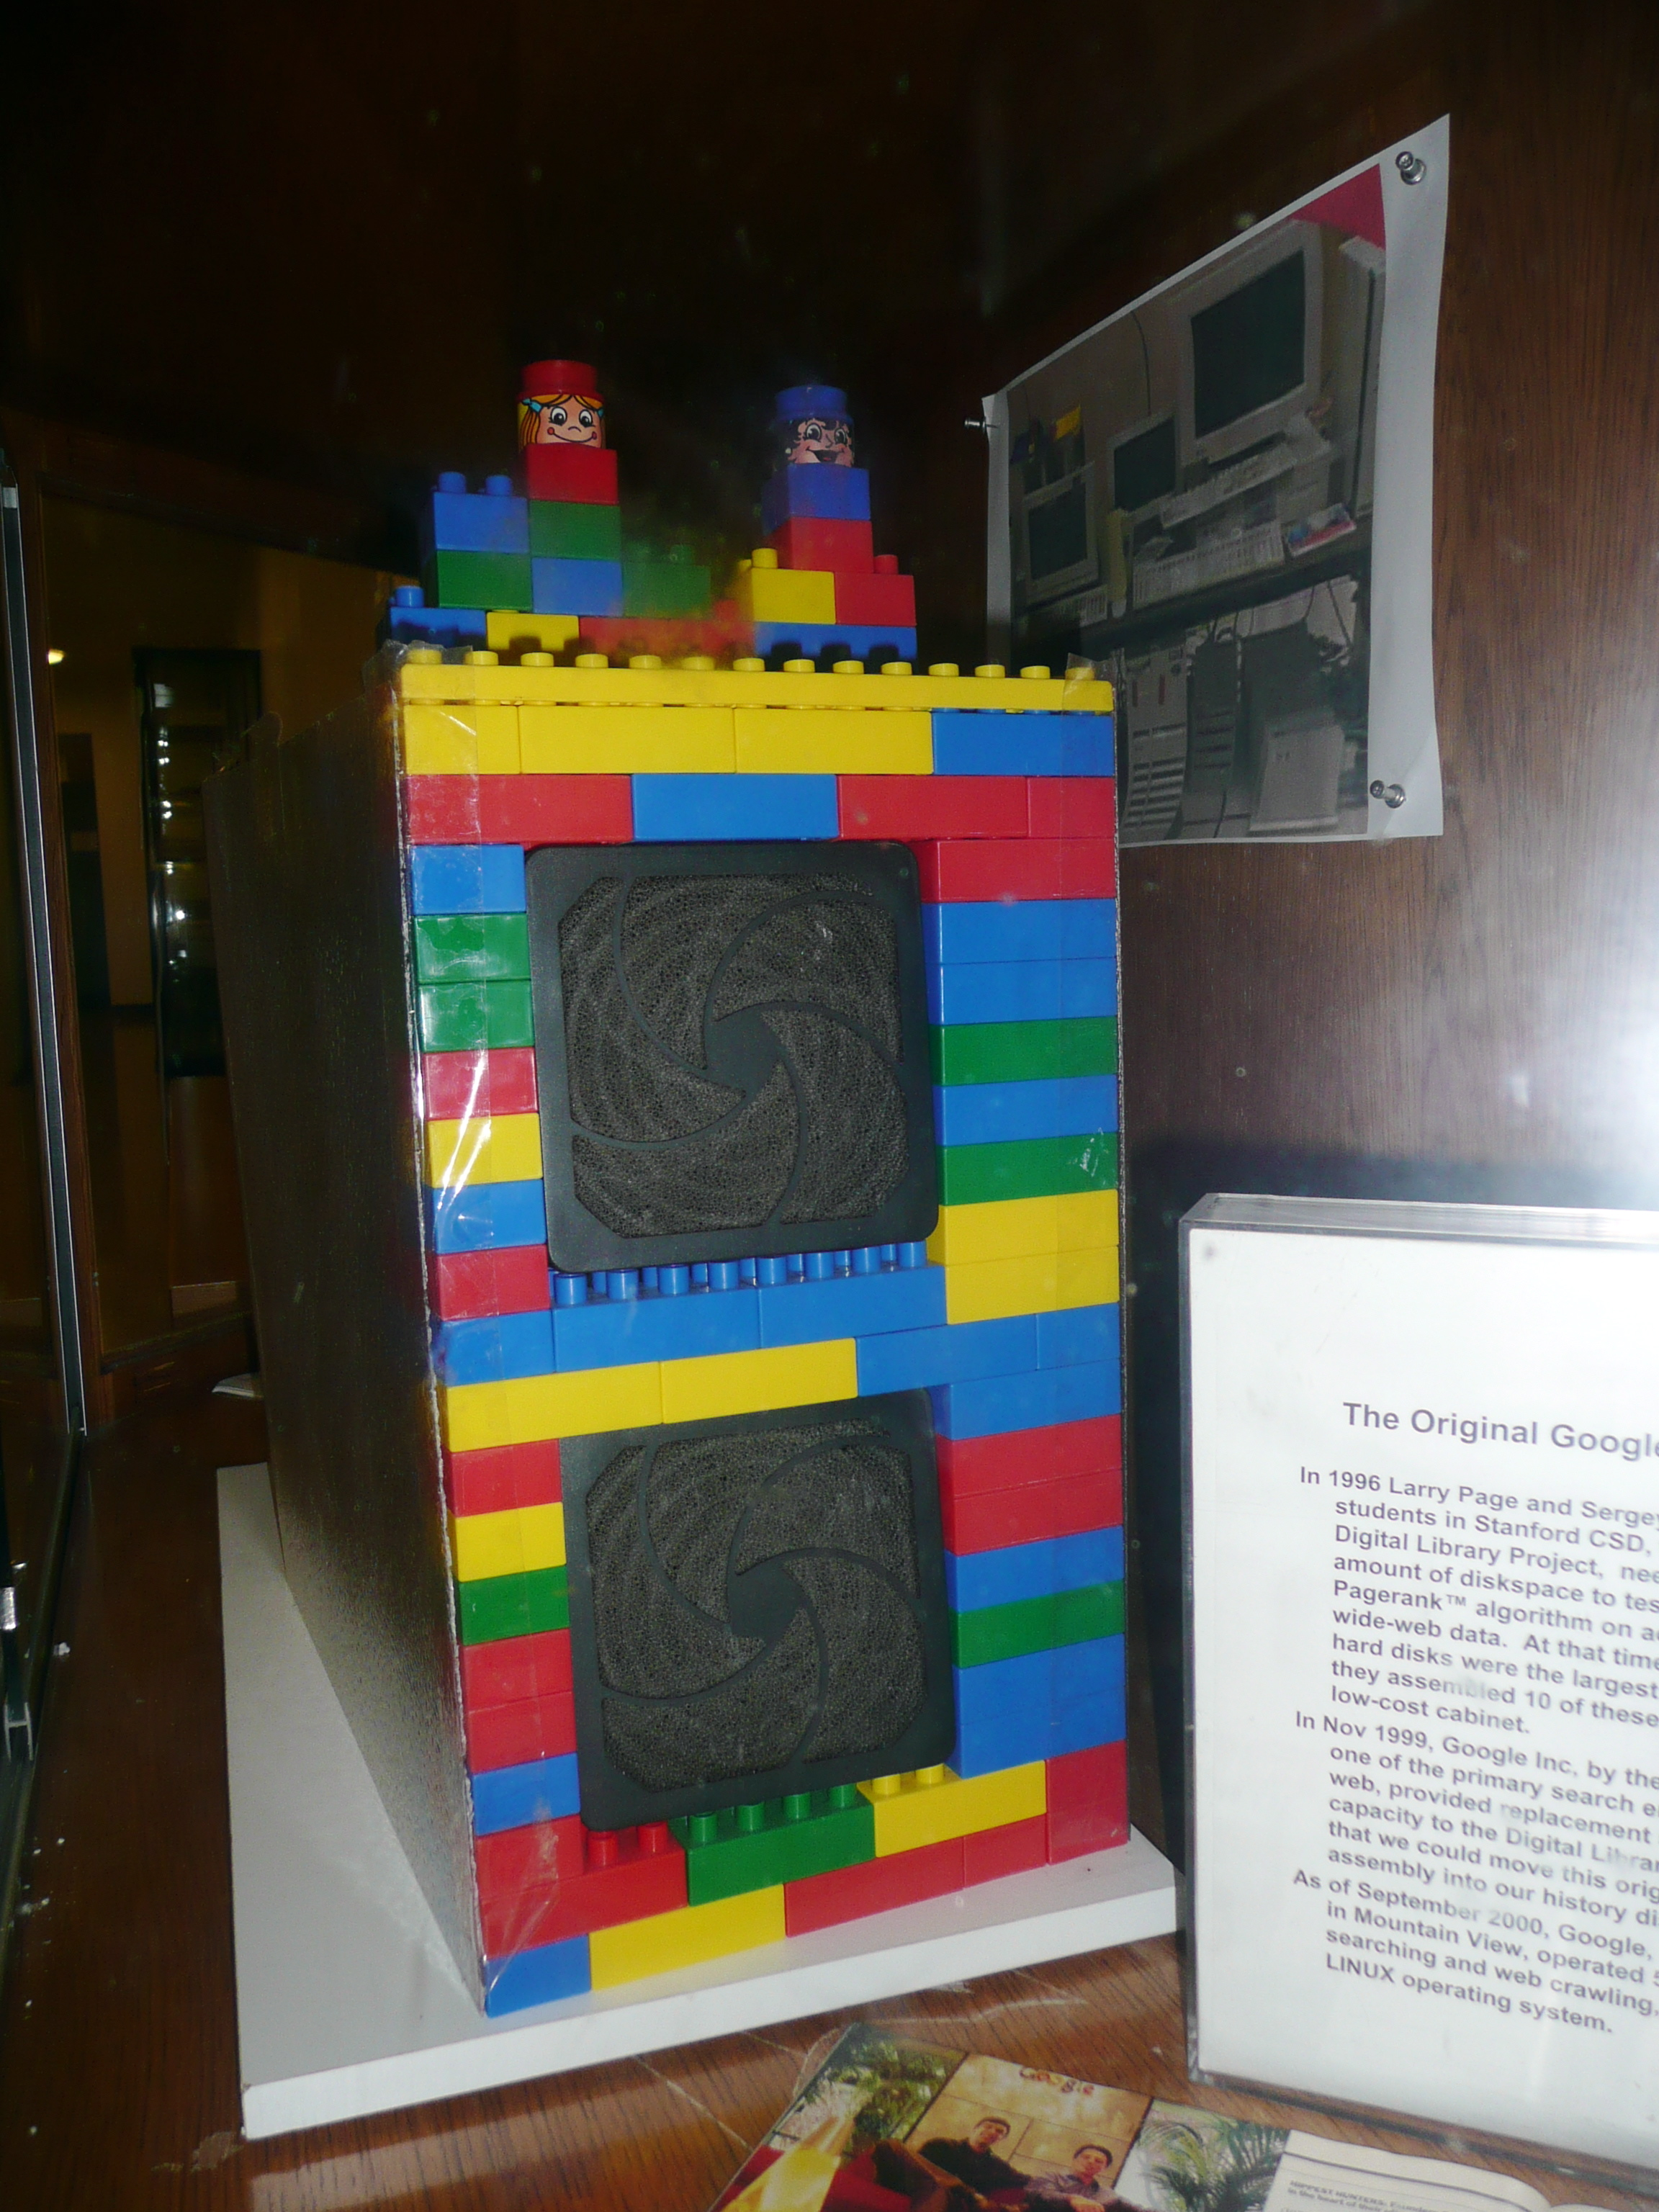 Der erste Google Computer an der Universität Stanford (damals noch für BackRub) hatte ein mit Duplosteinen verkleidetes Gehäuse.[4]